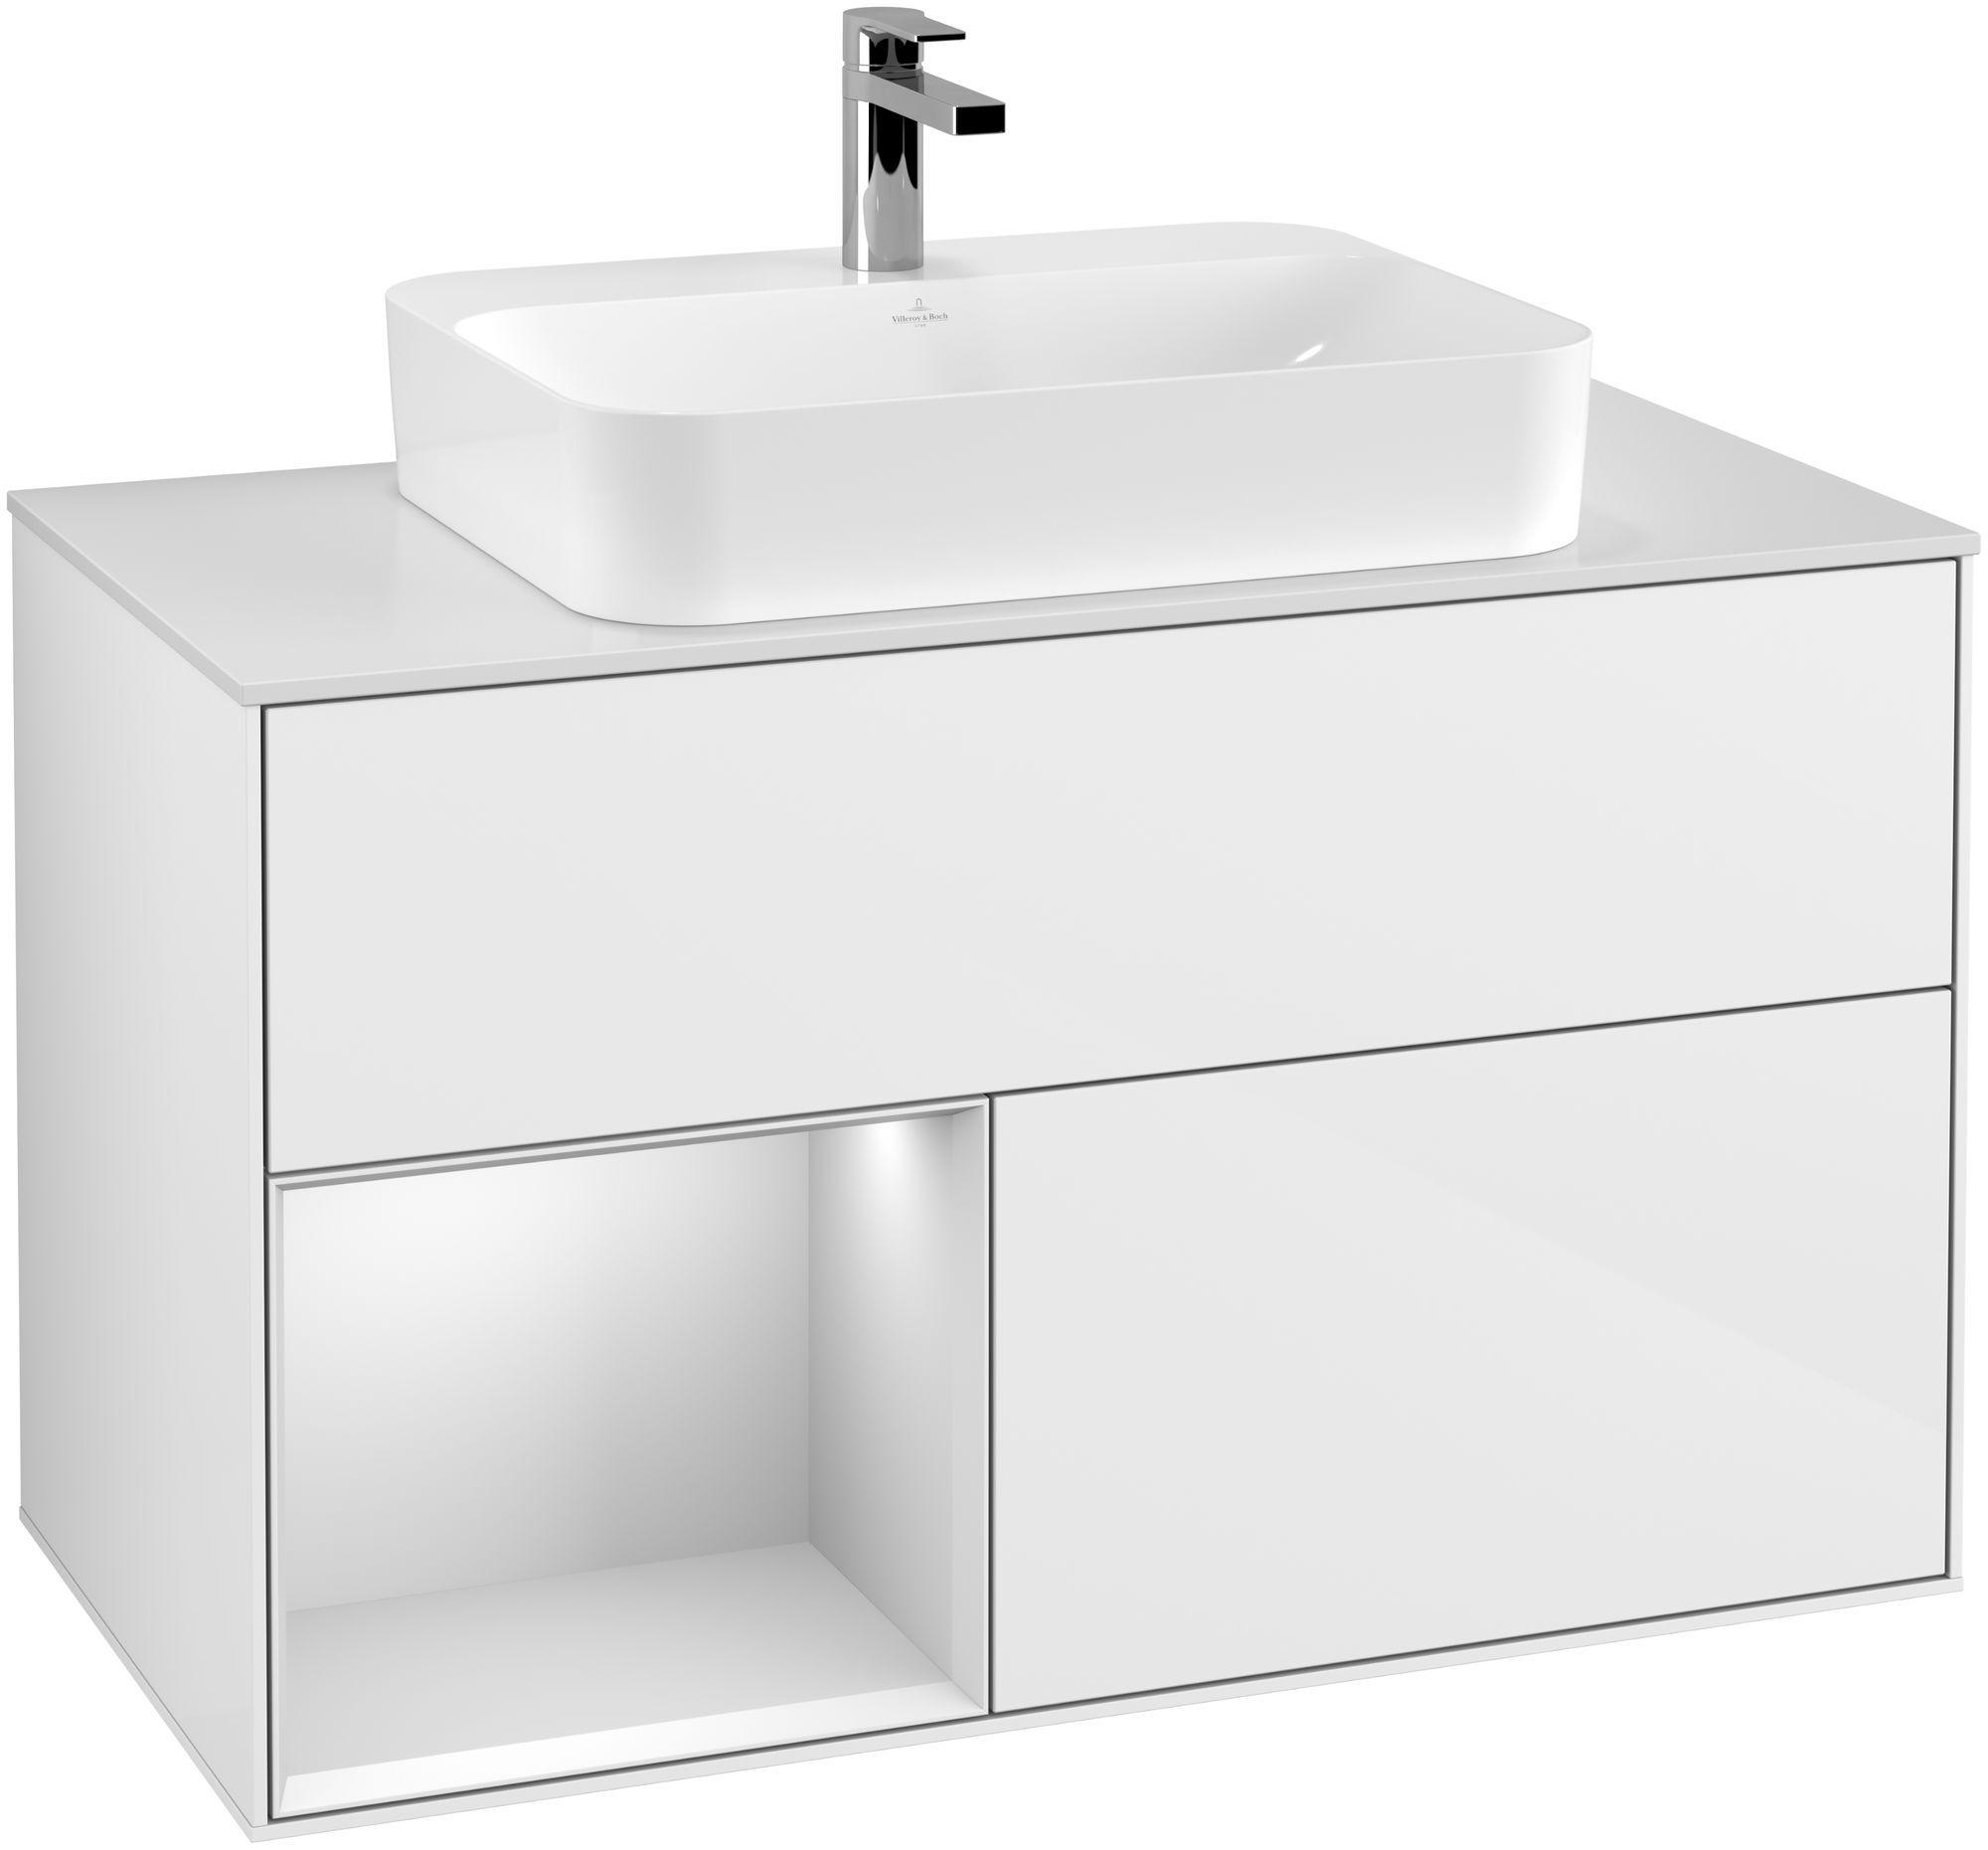 Villeroy & Boch Finion G36 Waschtischunterschrank mit Regalelement 2 Auszüge für WT mittig LED-Beleuchtung B:100xH:60,3xT:50,1cm Front, Korpus: Glossy White Lack, Regal: Weiß Matt Soft Grey, Glasplatte: White Matt G361MTGF